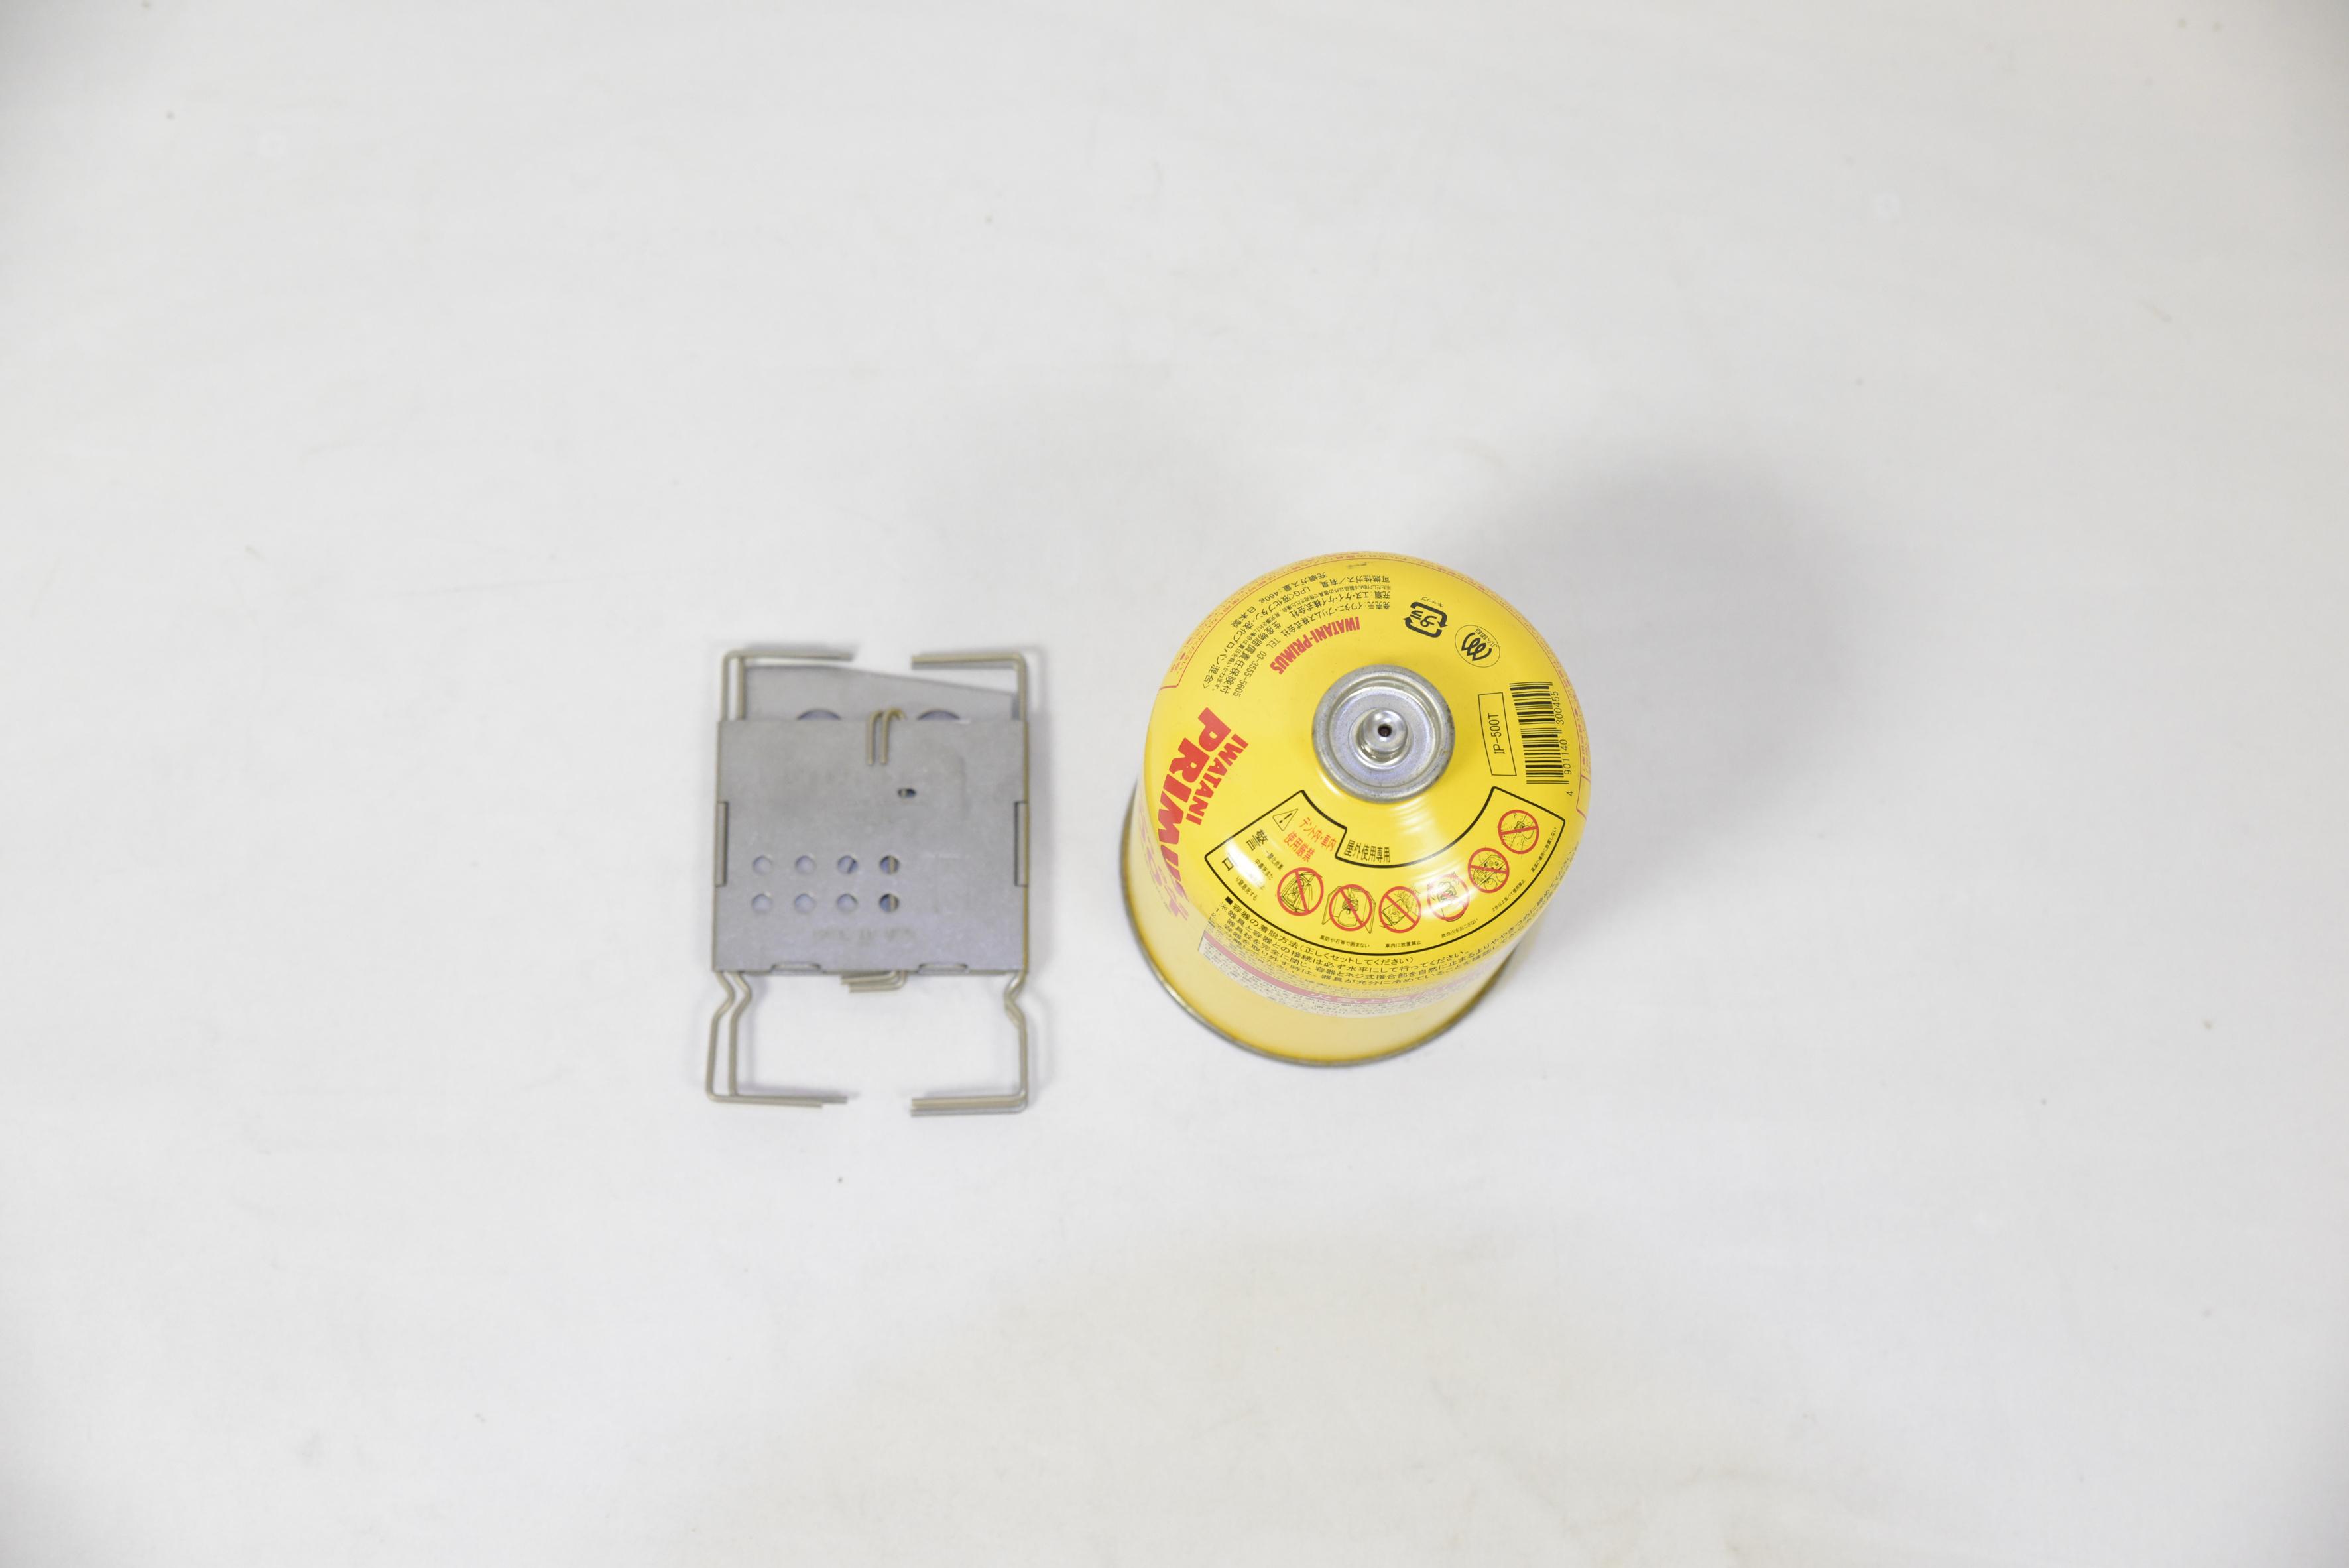 FireBox NanoStoveチタンX-Case Set